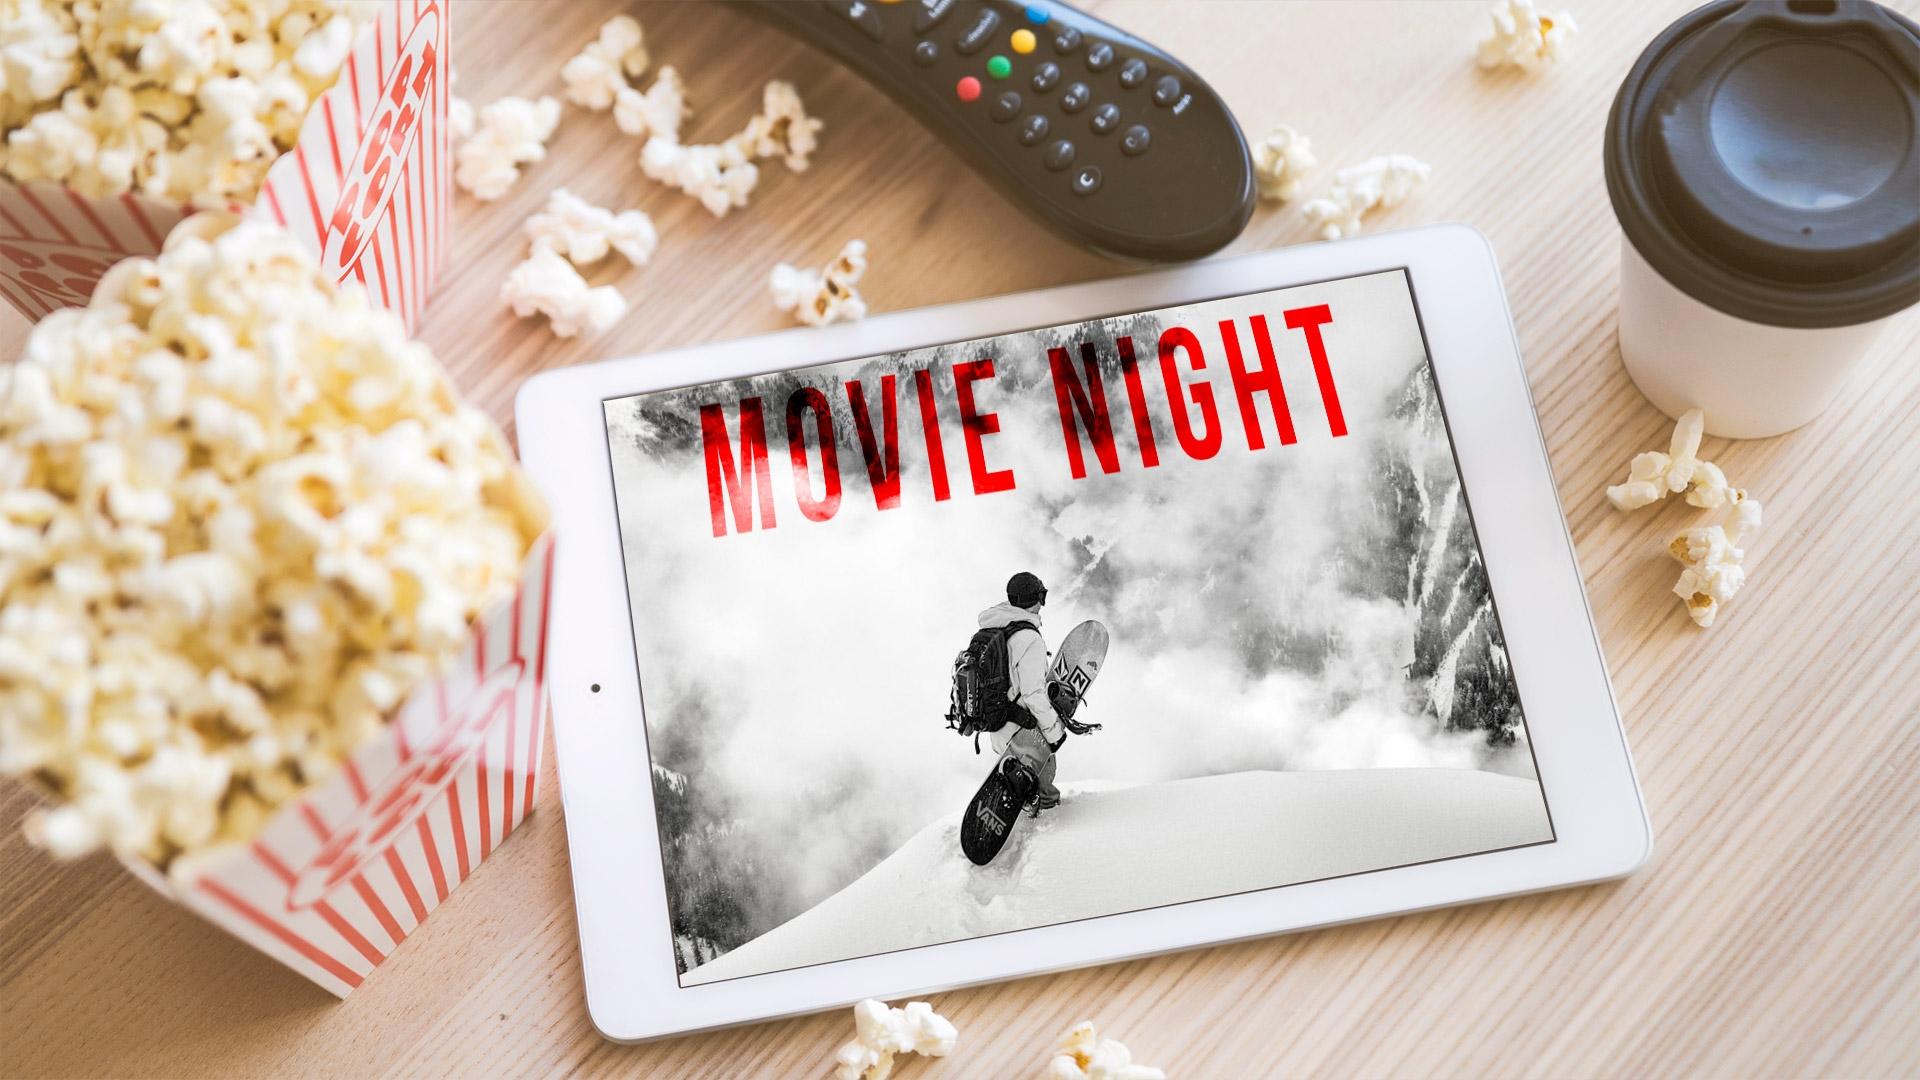 Movie Night!